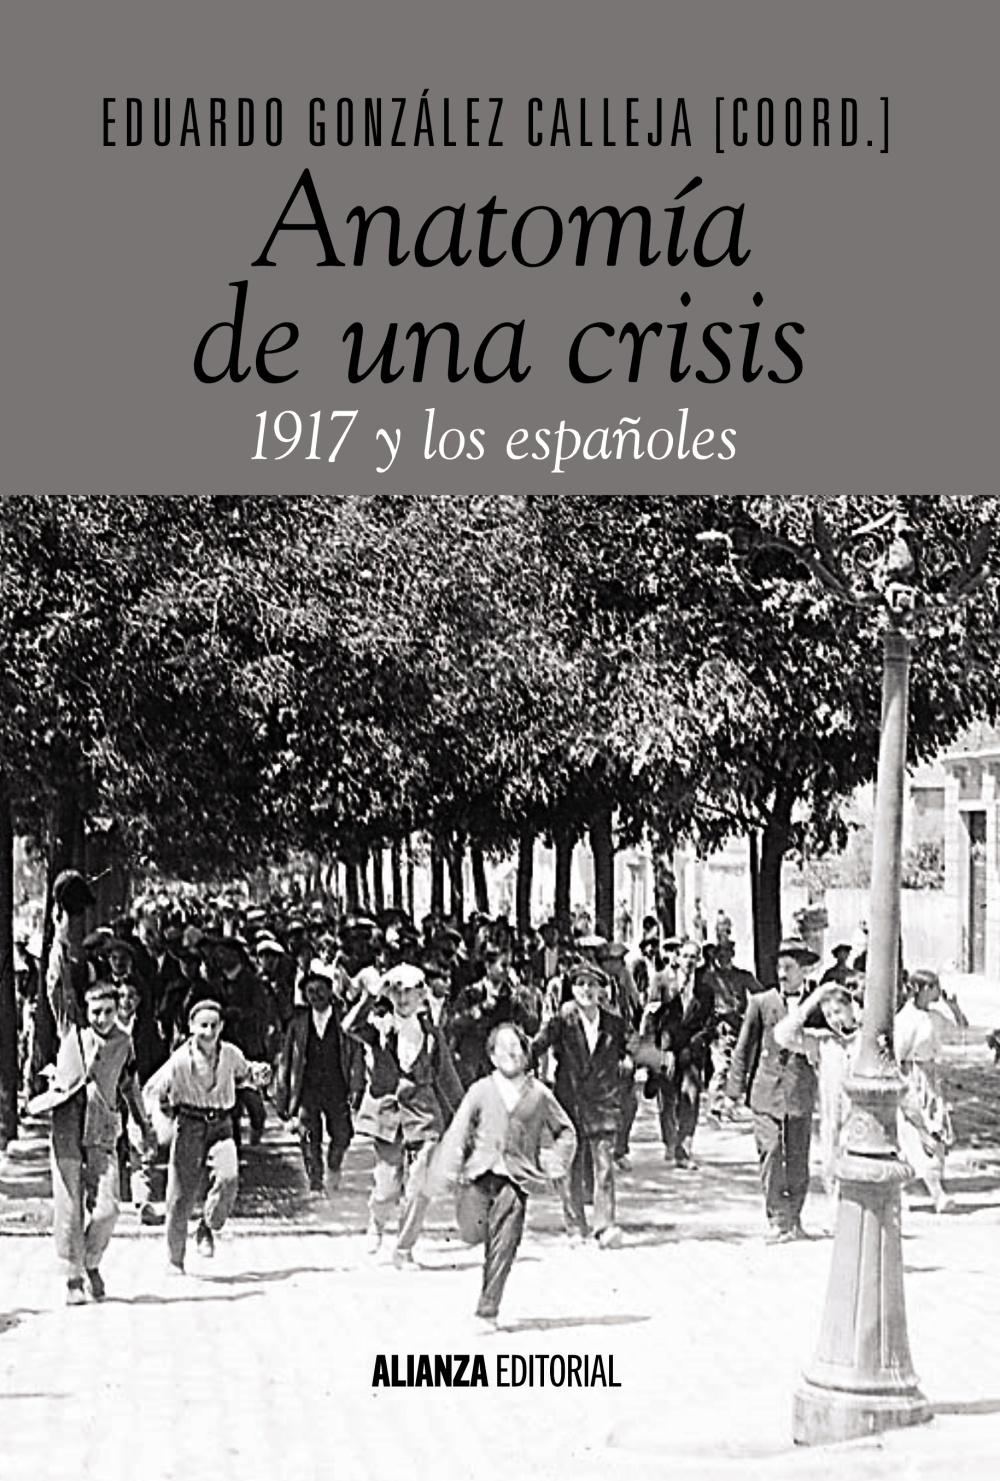 ANATOMÍA DE UNA CRISIS | EDUARDO GONZALEZ CALLEJA | Comprar libro ...